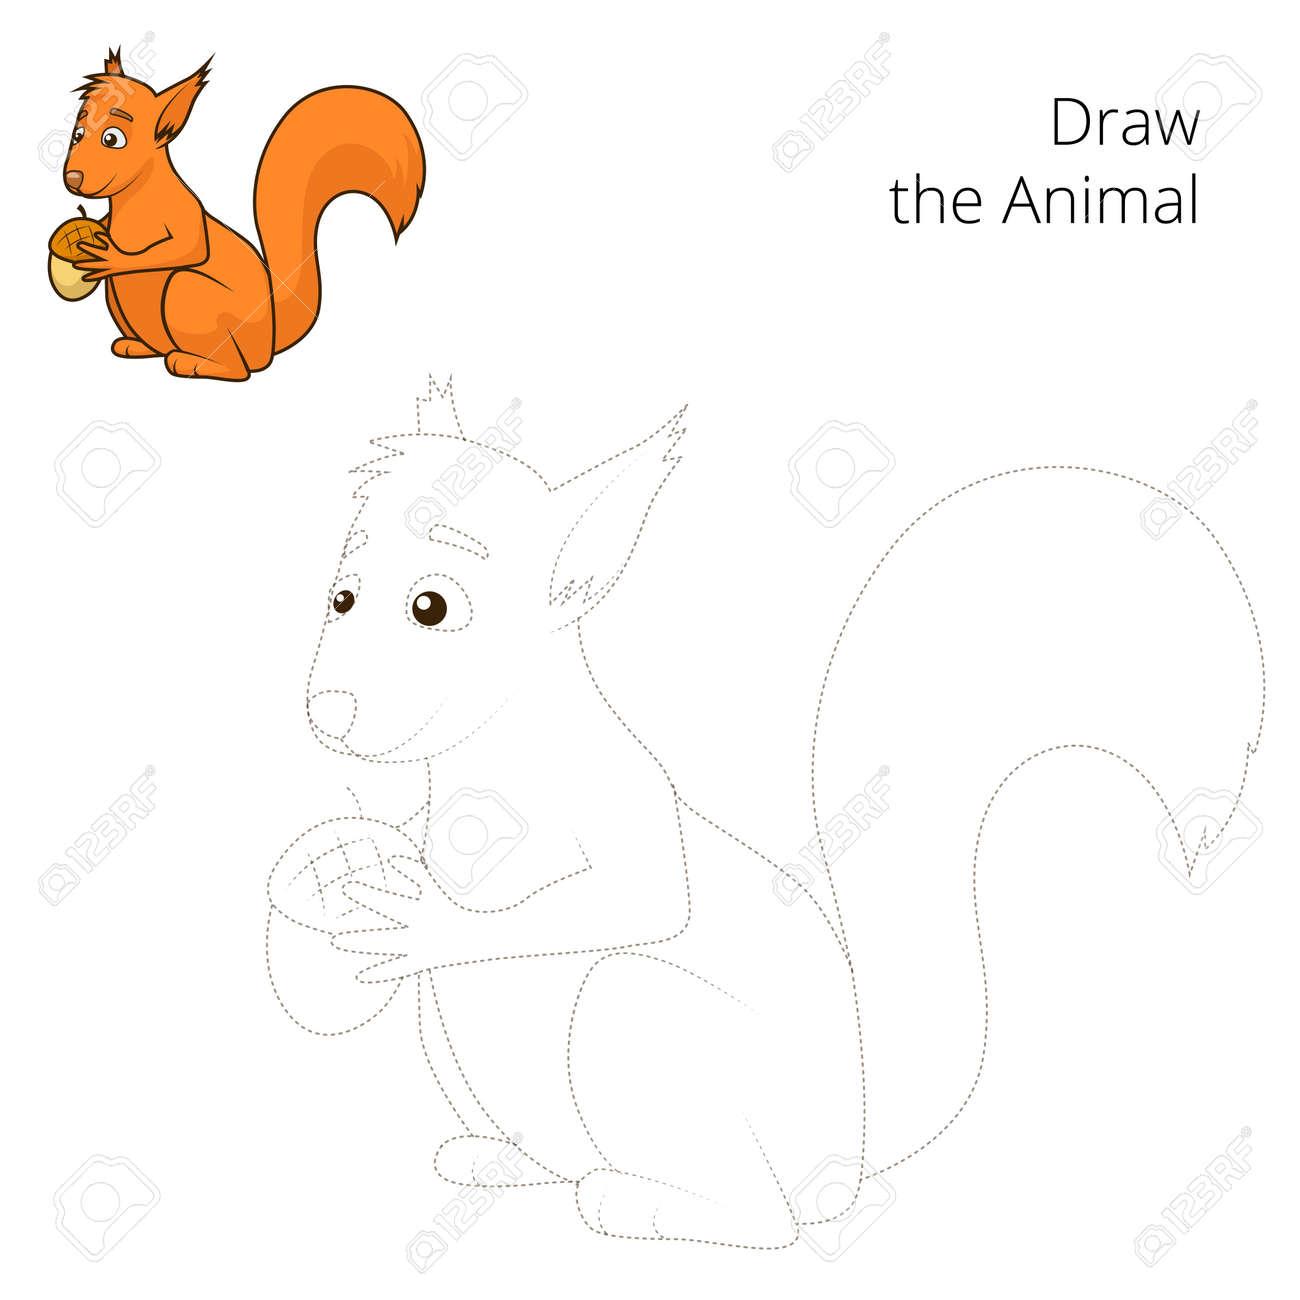 Zeichnen Sie Den Wald Tier Eichhörnchen Karikatur Für Kinder Vektor